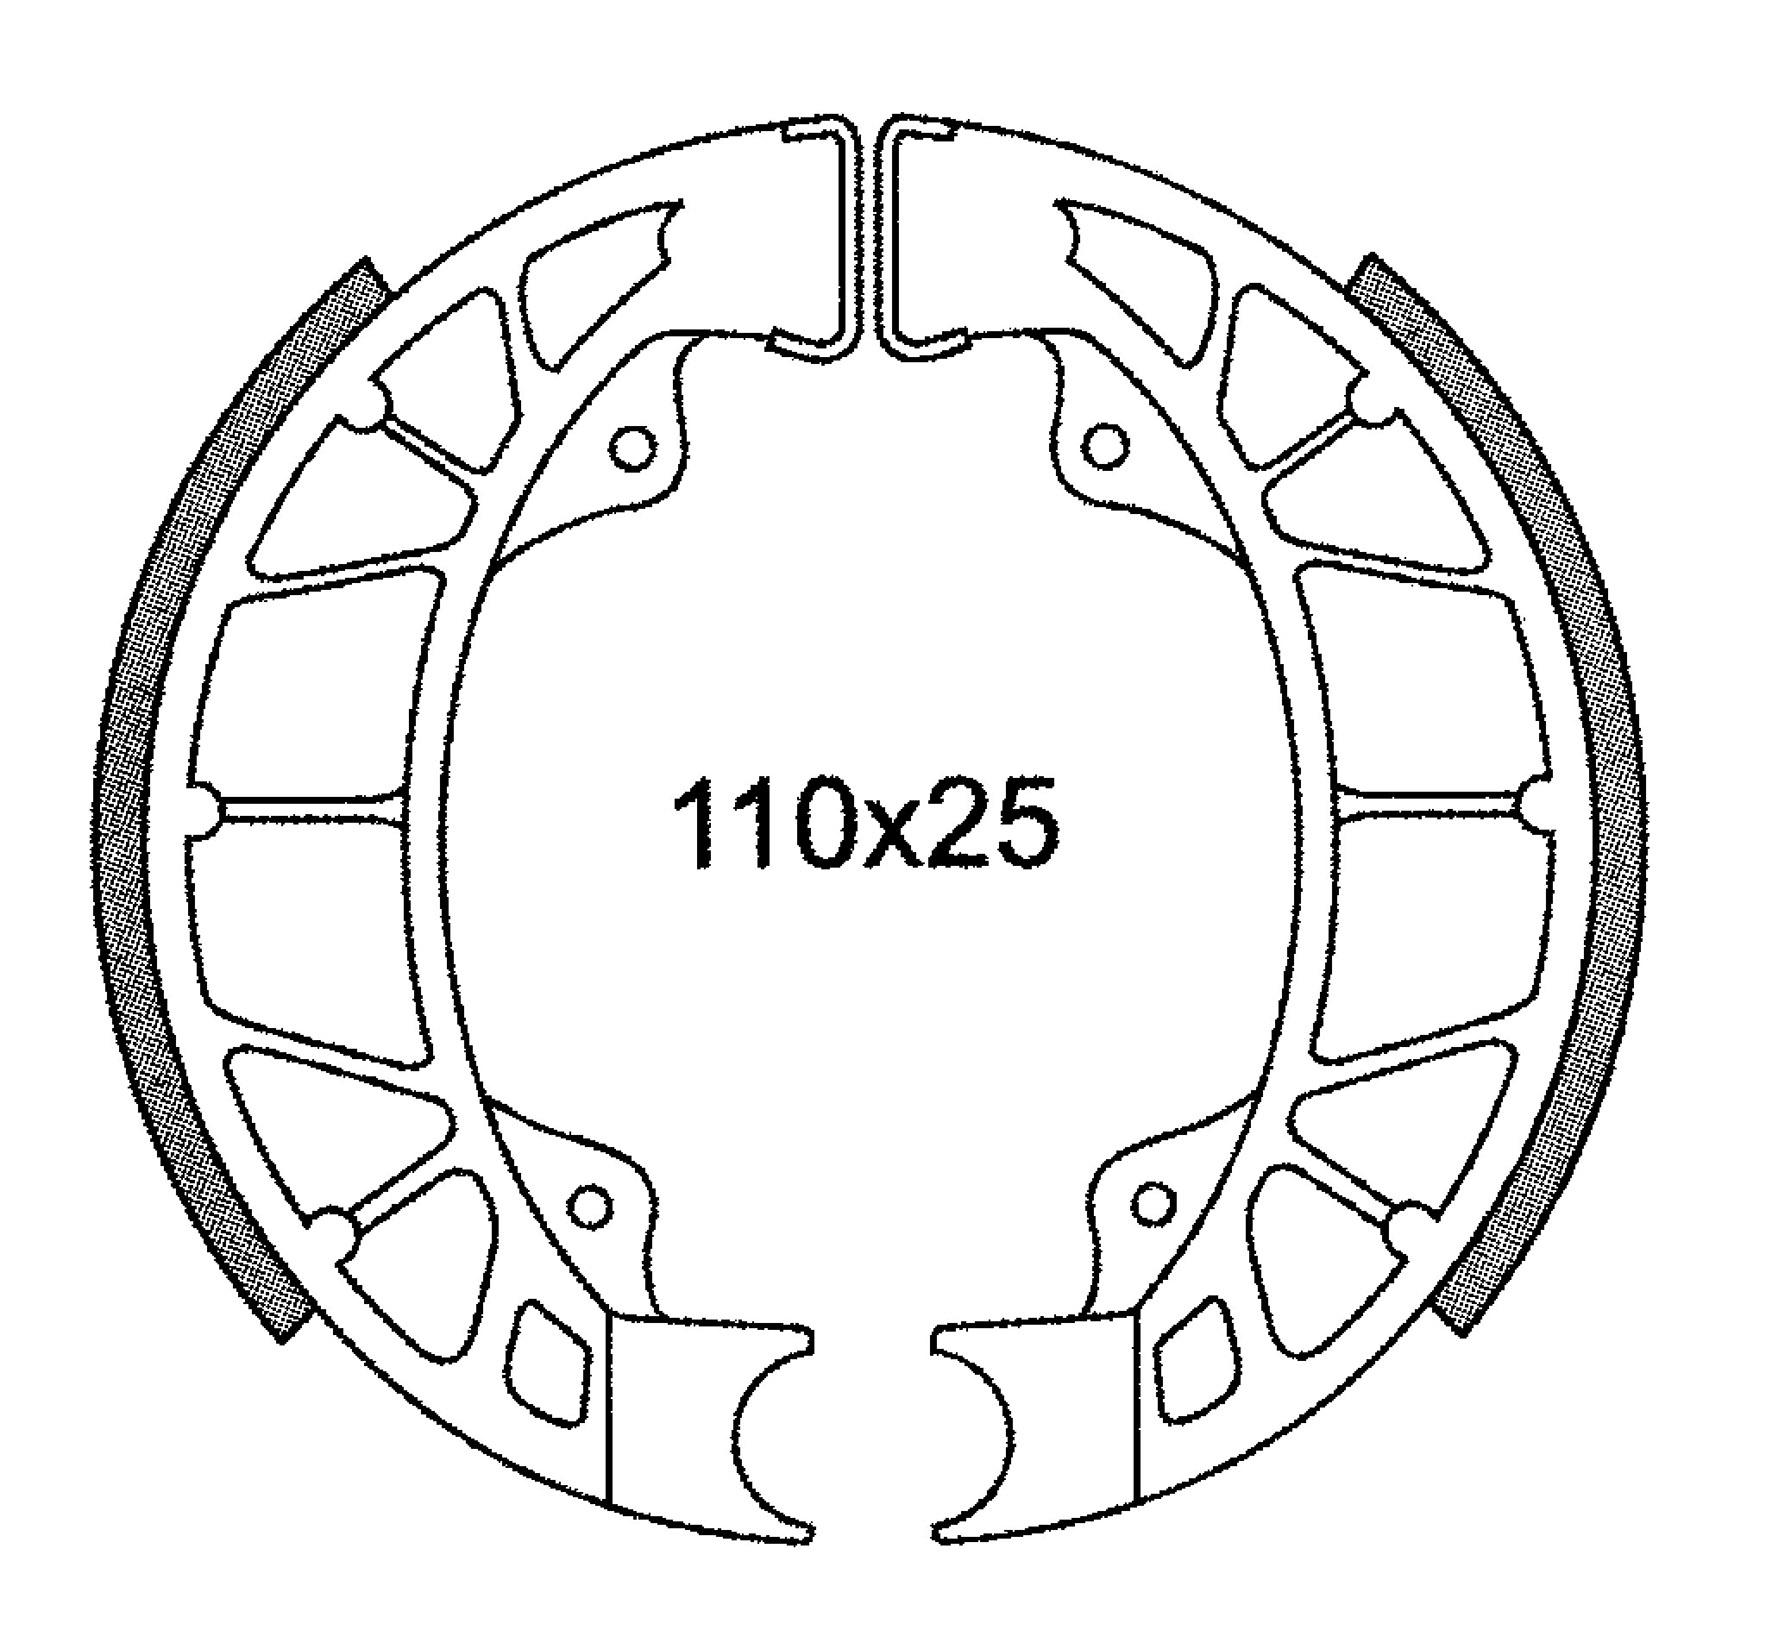 Bremsbacken Satz 110x25 C4 ohne Nut